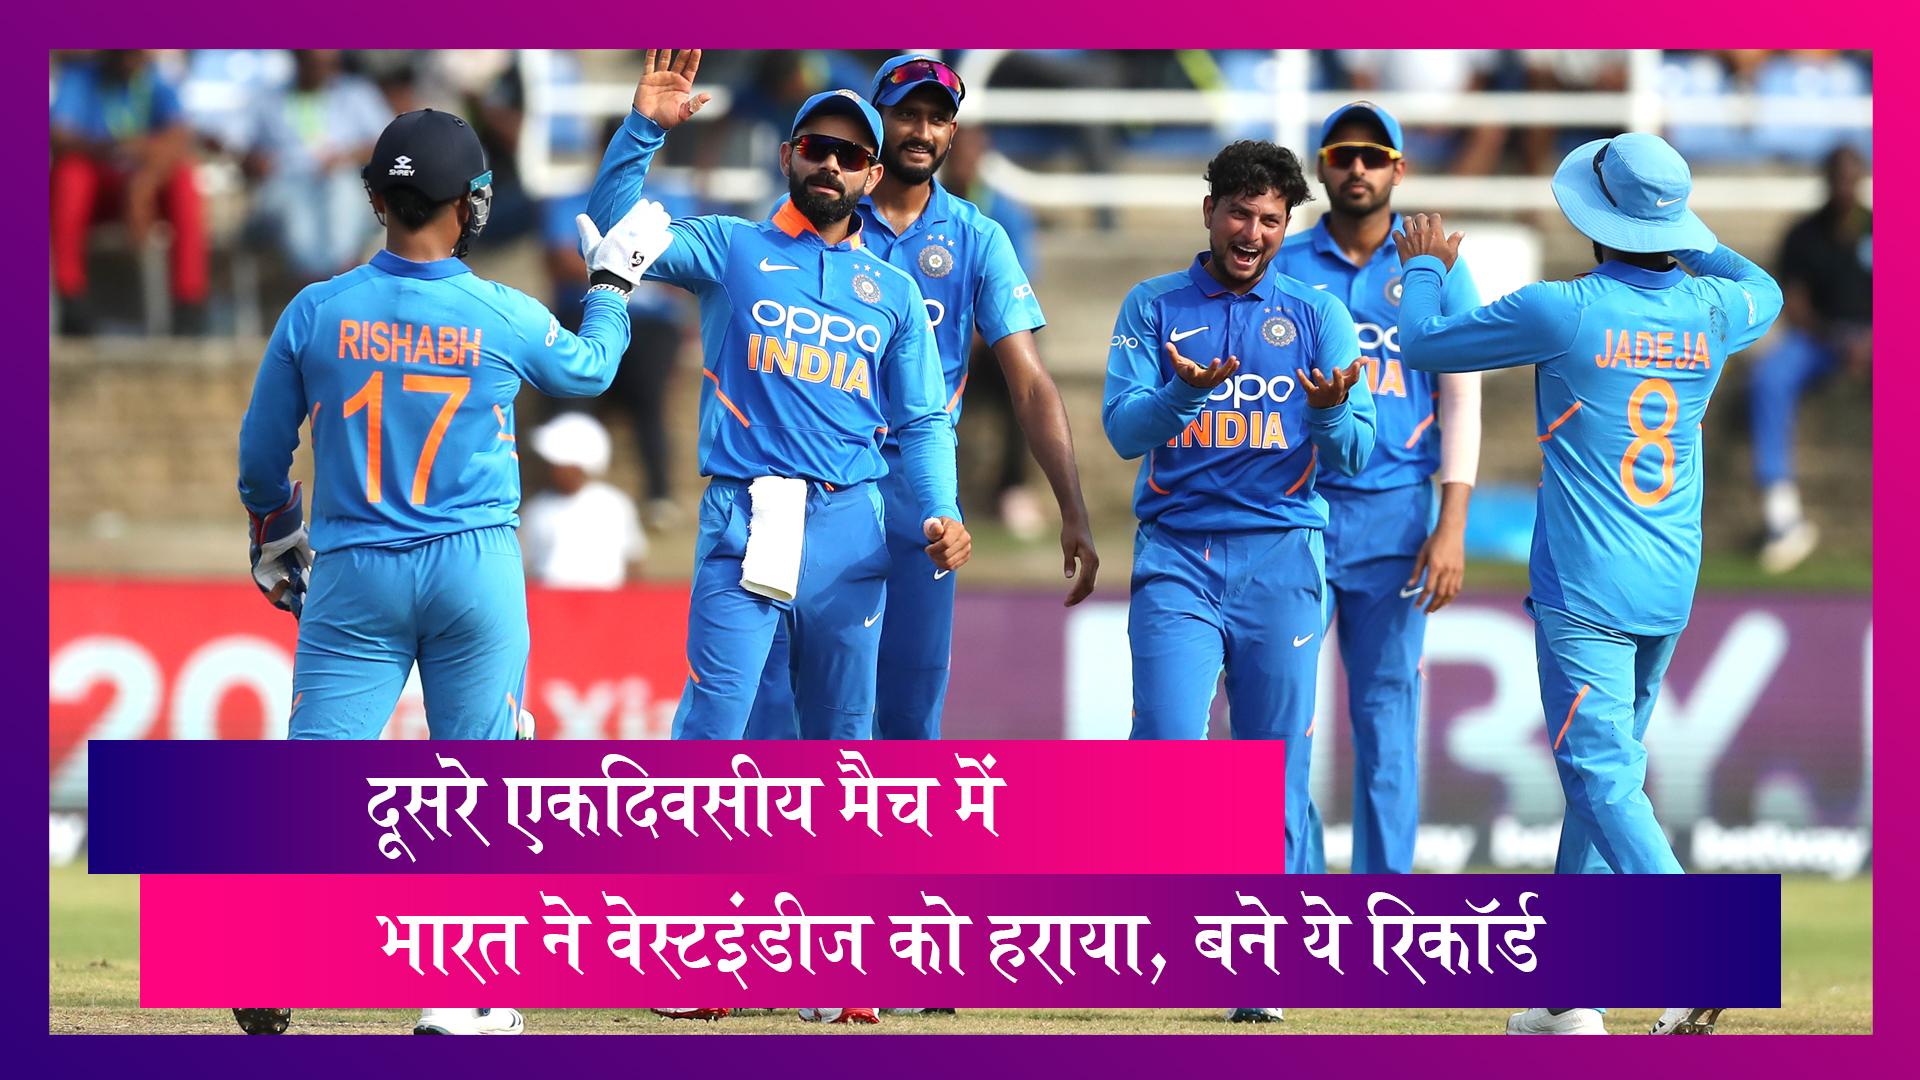 IND VS WI 2nd ODI 2019 Highlights: भारत ने वेस्टइंडीज को 59 रनों से हराया, क्रिस गेल ने बनाया शानदार रिकॉर्ड